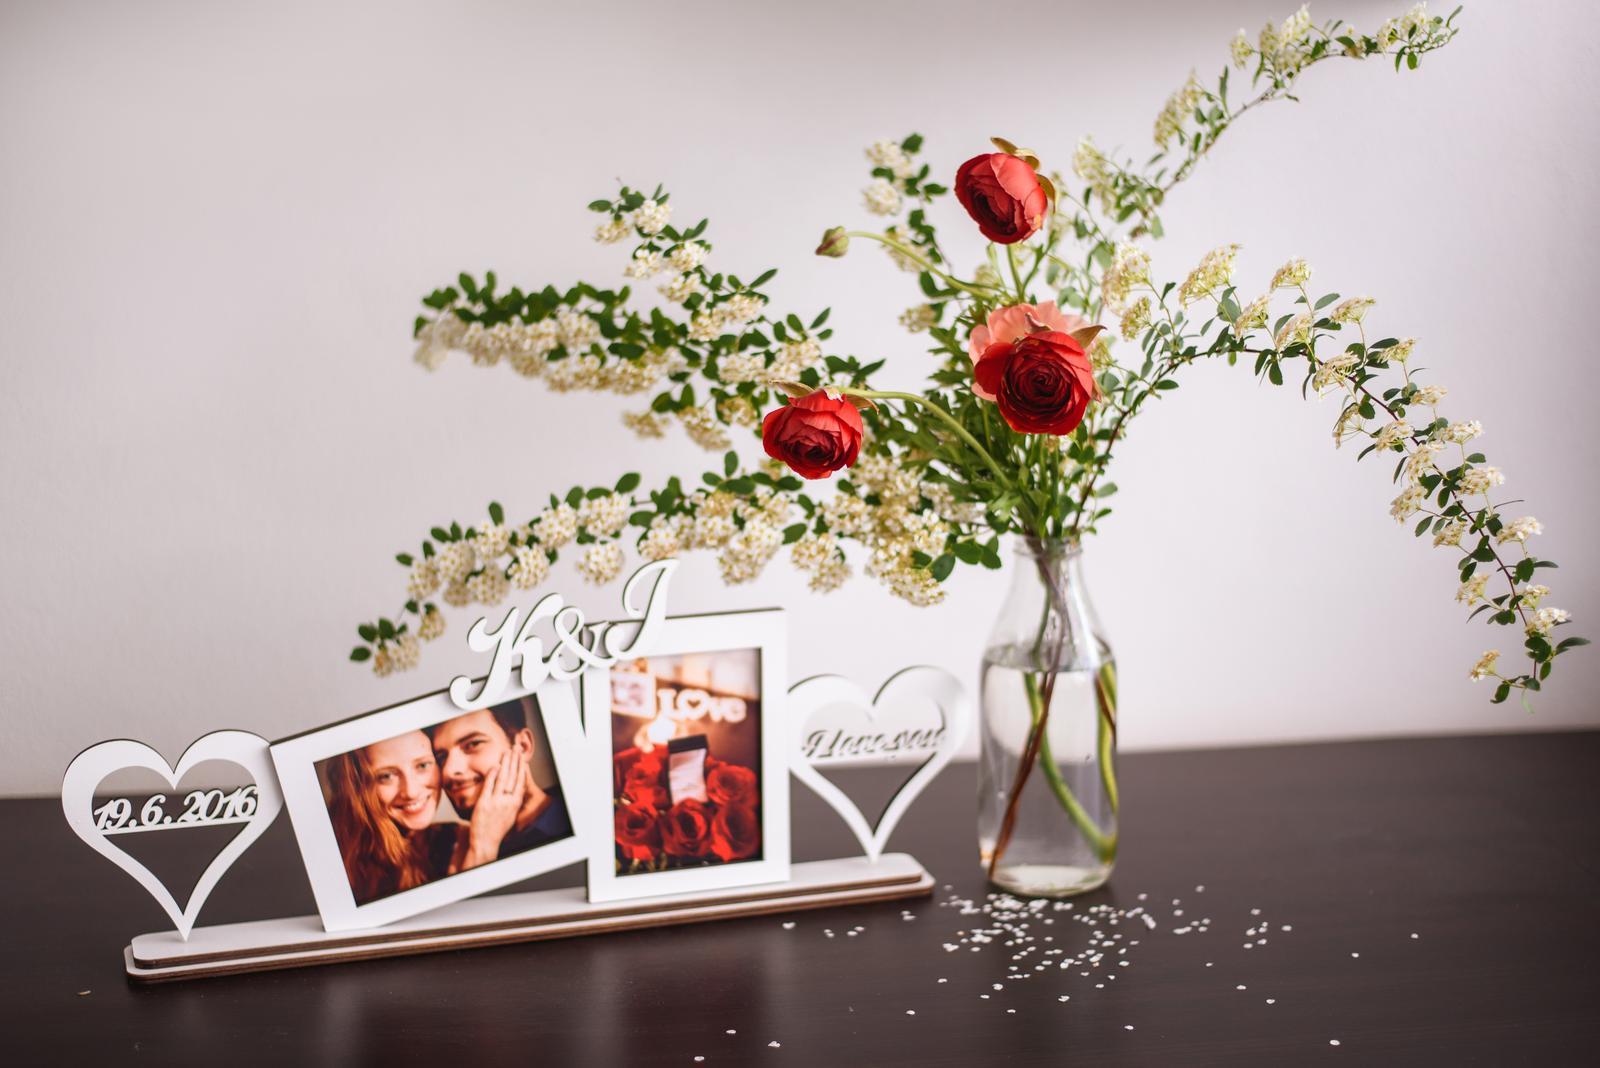 Vo víre kvetov... - Vytvorila som si nový fotoblog o aranžovaní mojich kvietkov :) Na tejto foto rámik k výročiu našich zásnub